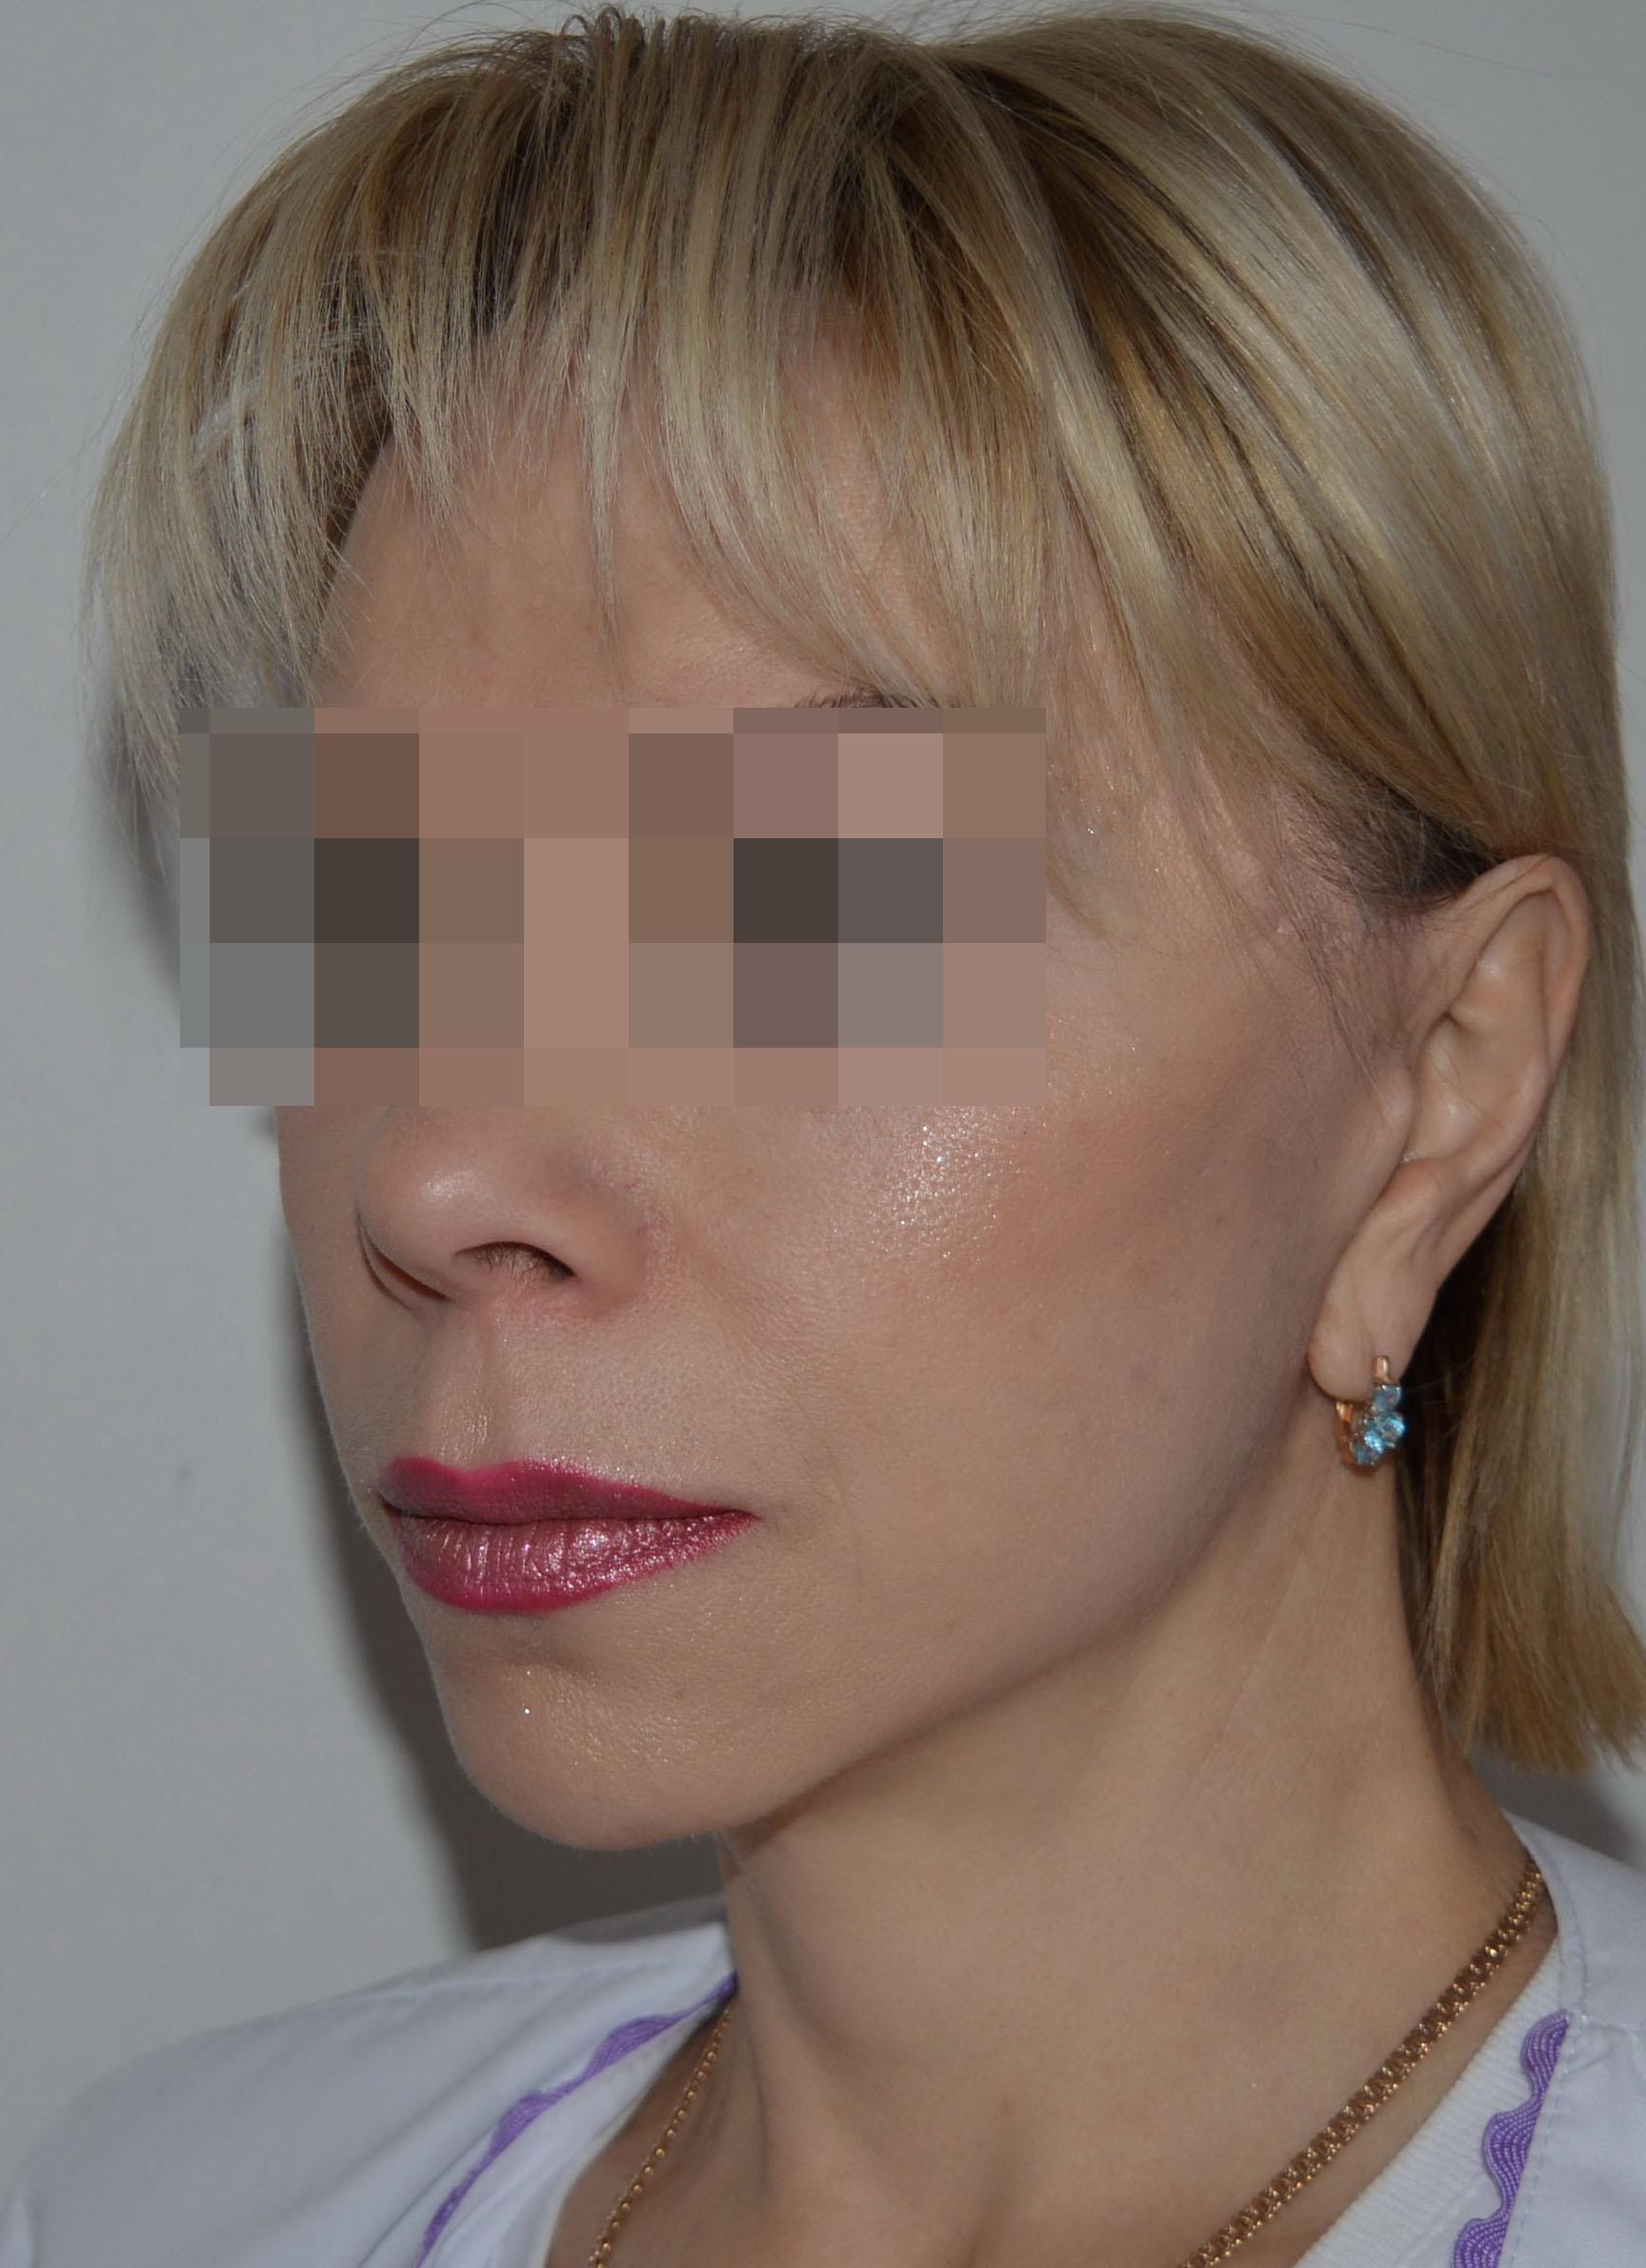 podtyazhka-lica-i-shei-v-toliatti-chubarov-6